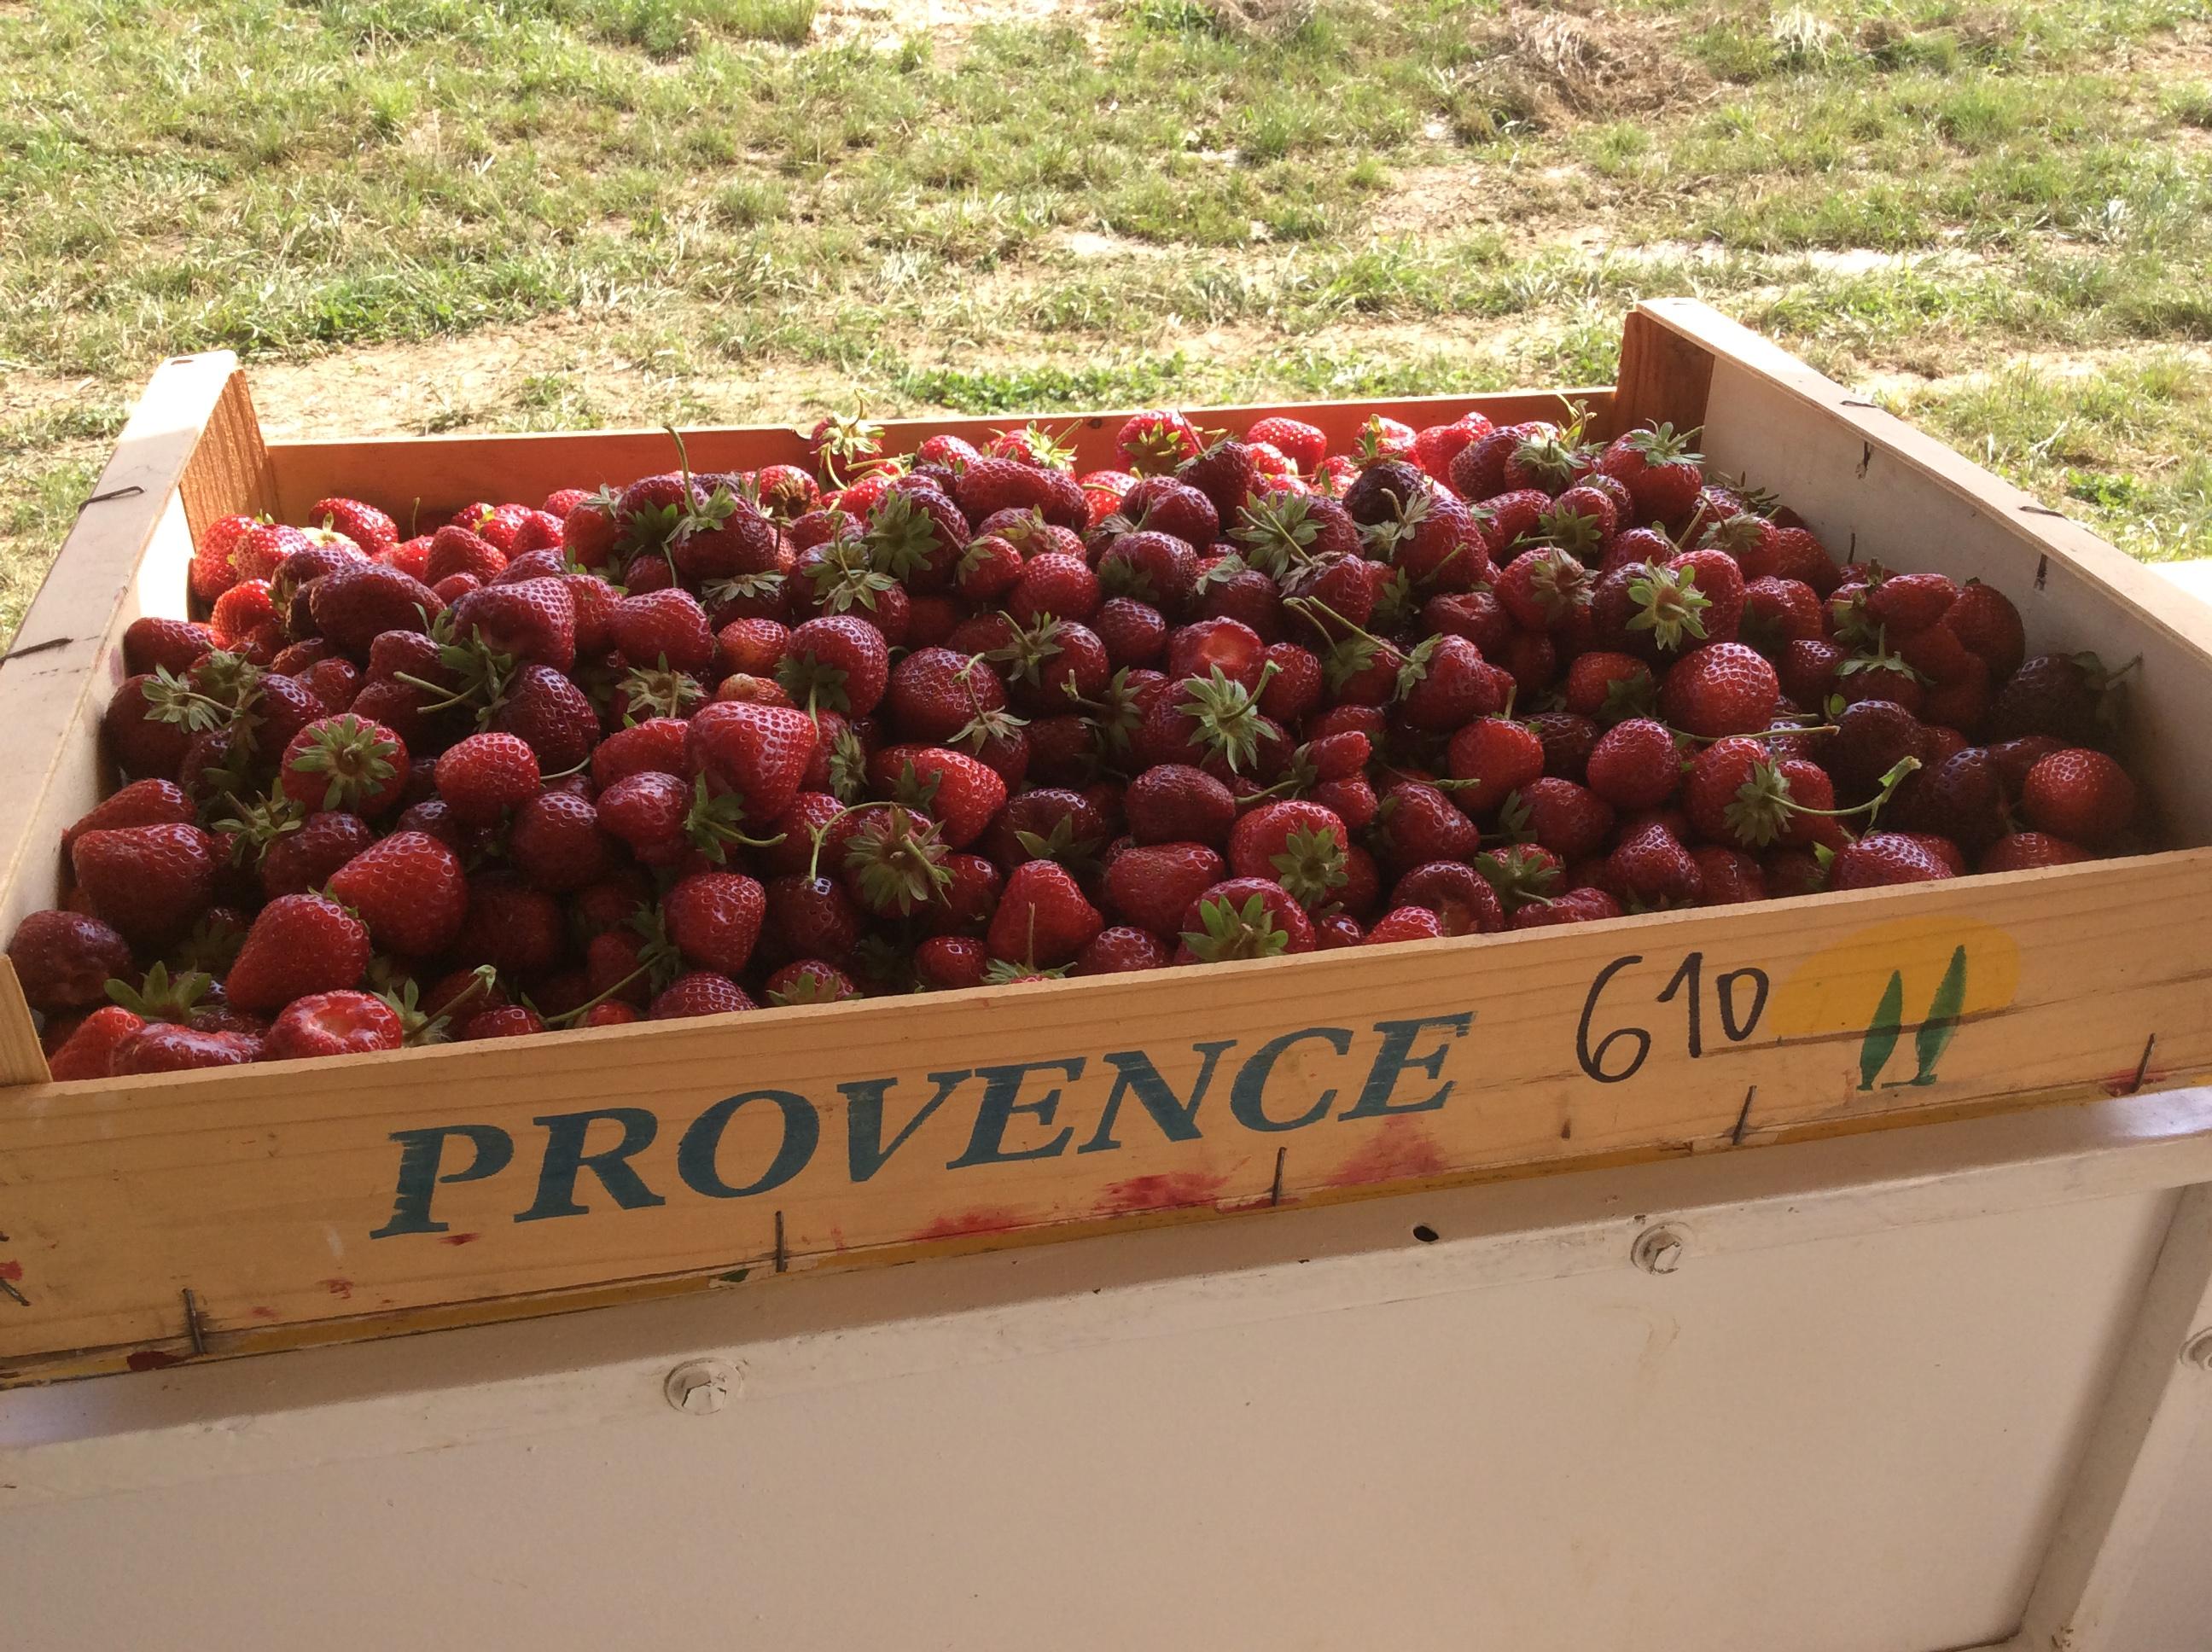 Cueillette de fraise Aube, Marne, Seine et Marne